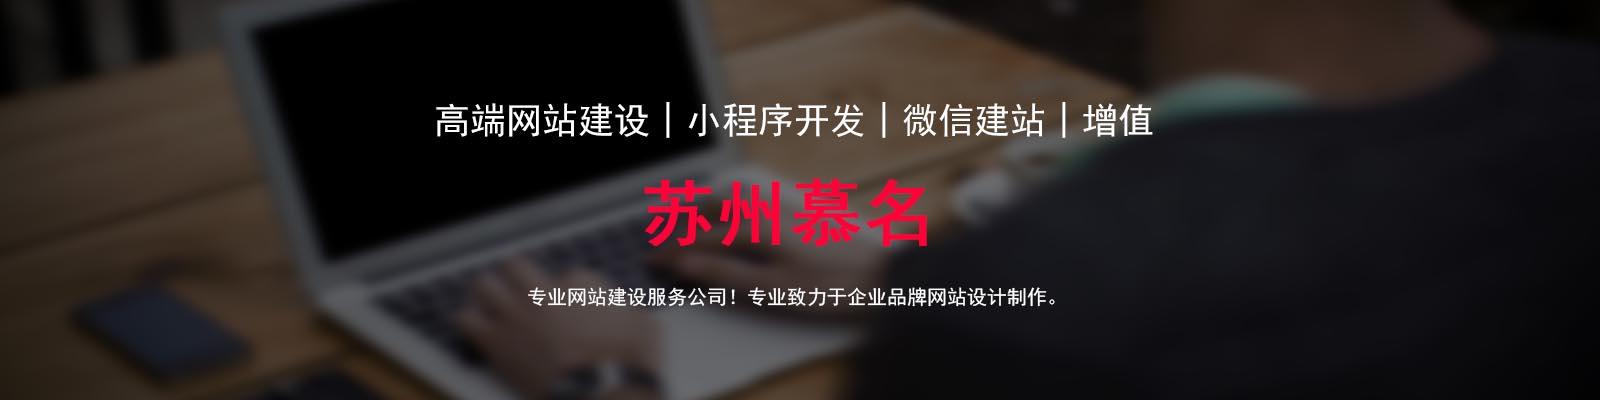 苏州慕名信息技术有限公司